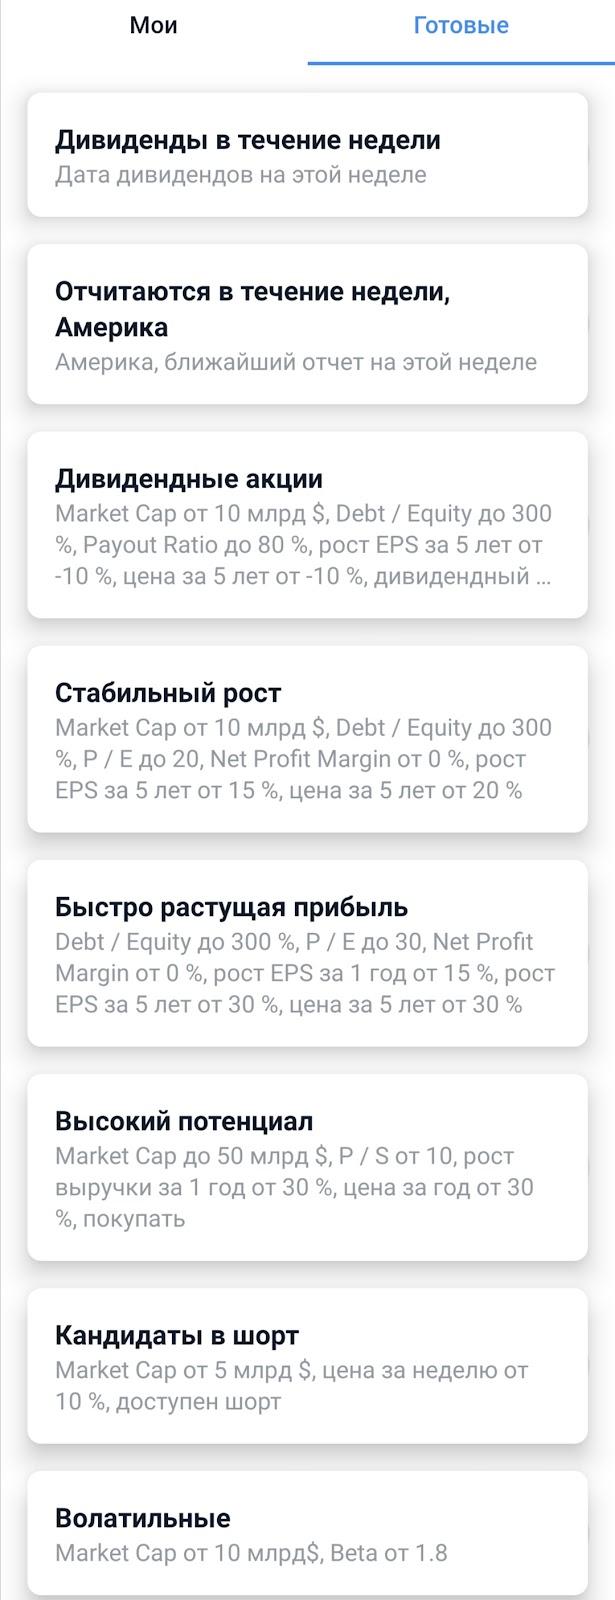 Скринер от Тинькофф Инвестиций: личный опыт, плюсы и минусы